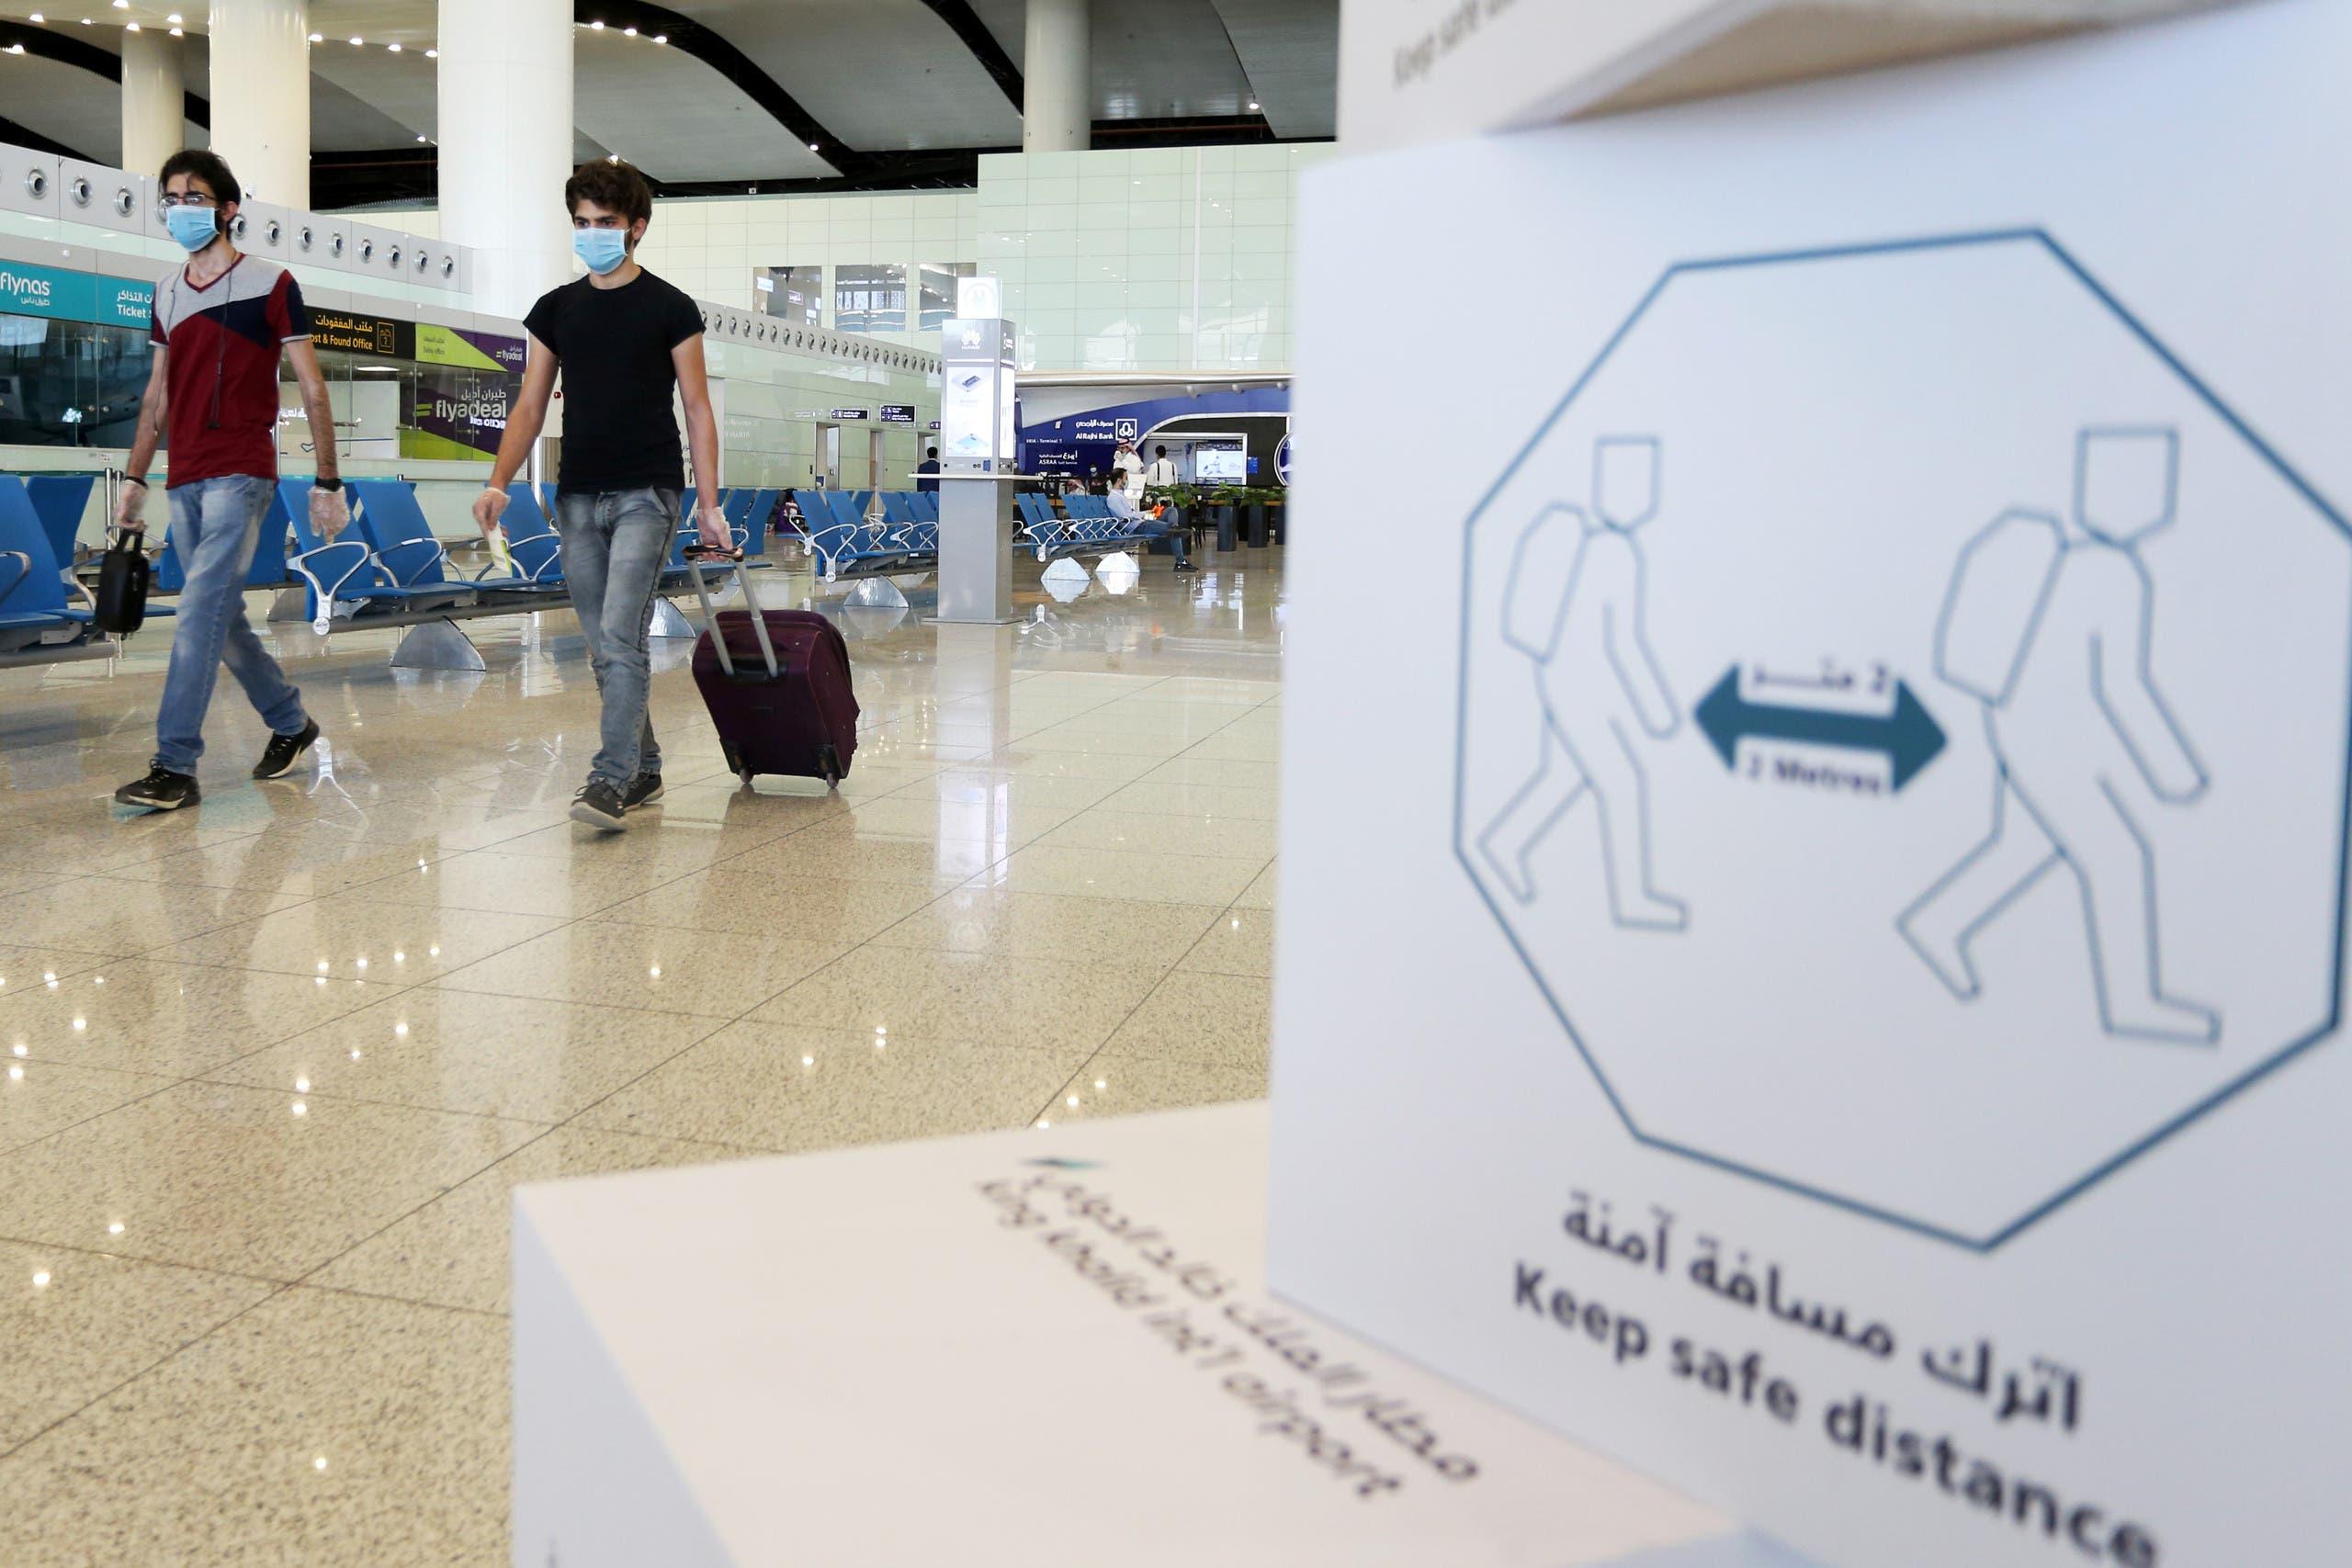 Travelers wearing protective face masks walk at Riyadh International Airport. (File photo: Reuters)